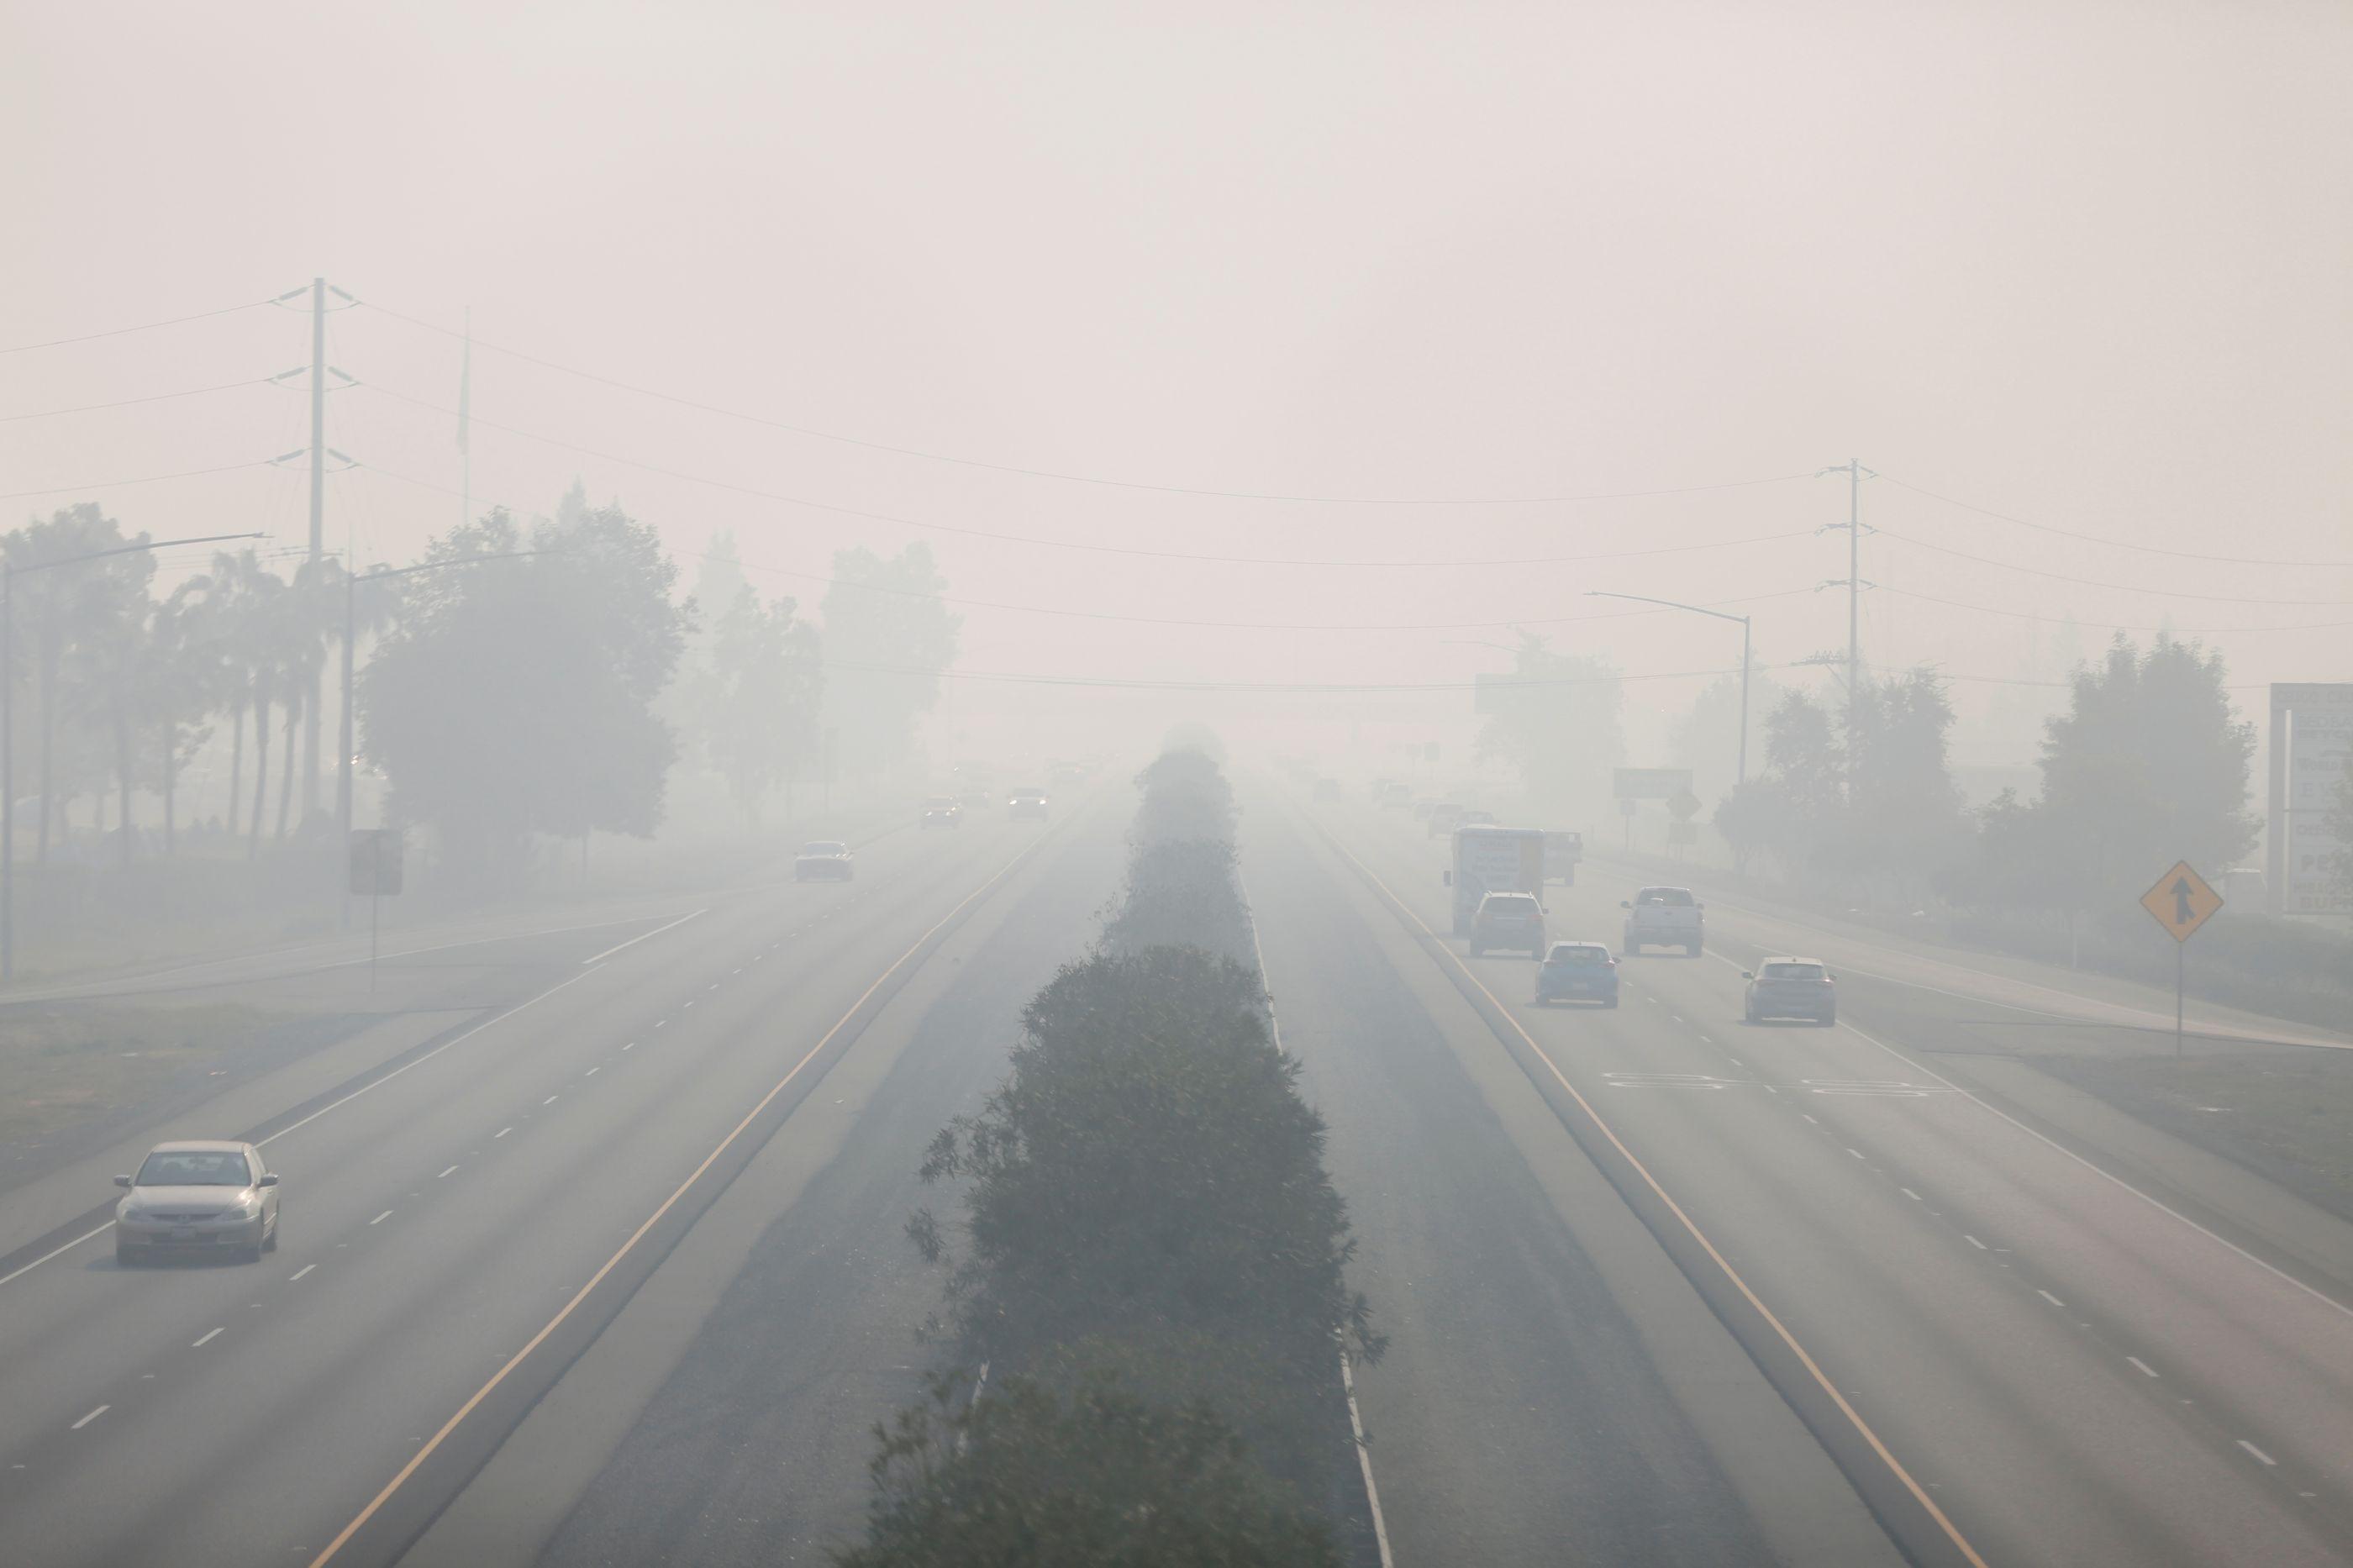 Especialistas encontram semelhanças entre fogos na Califórnia e Portugal